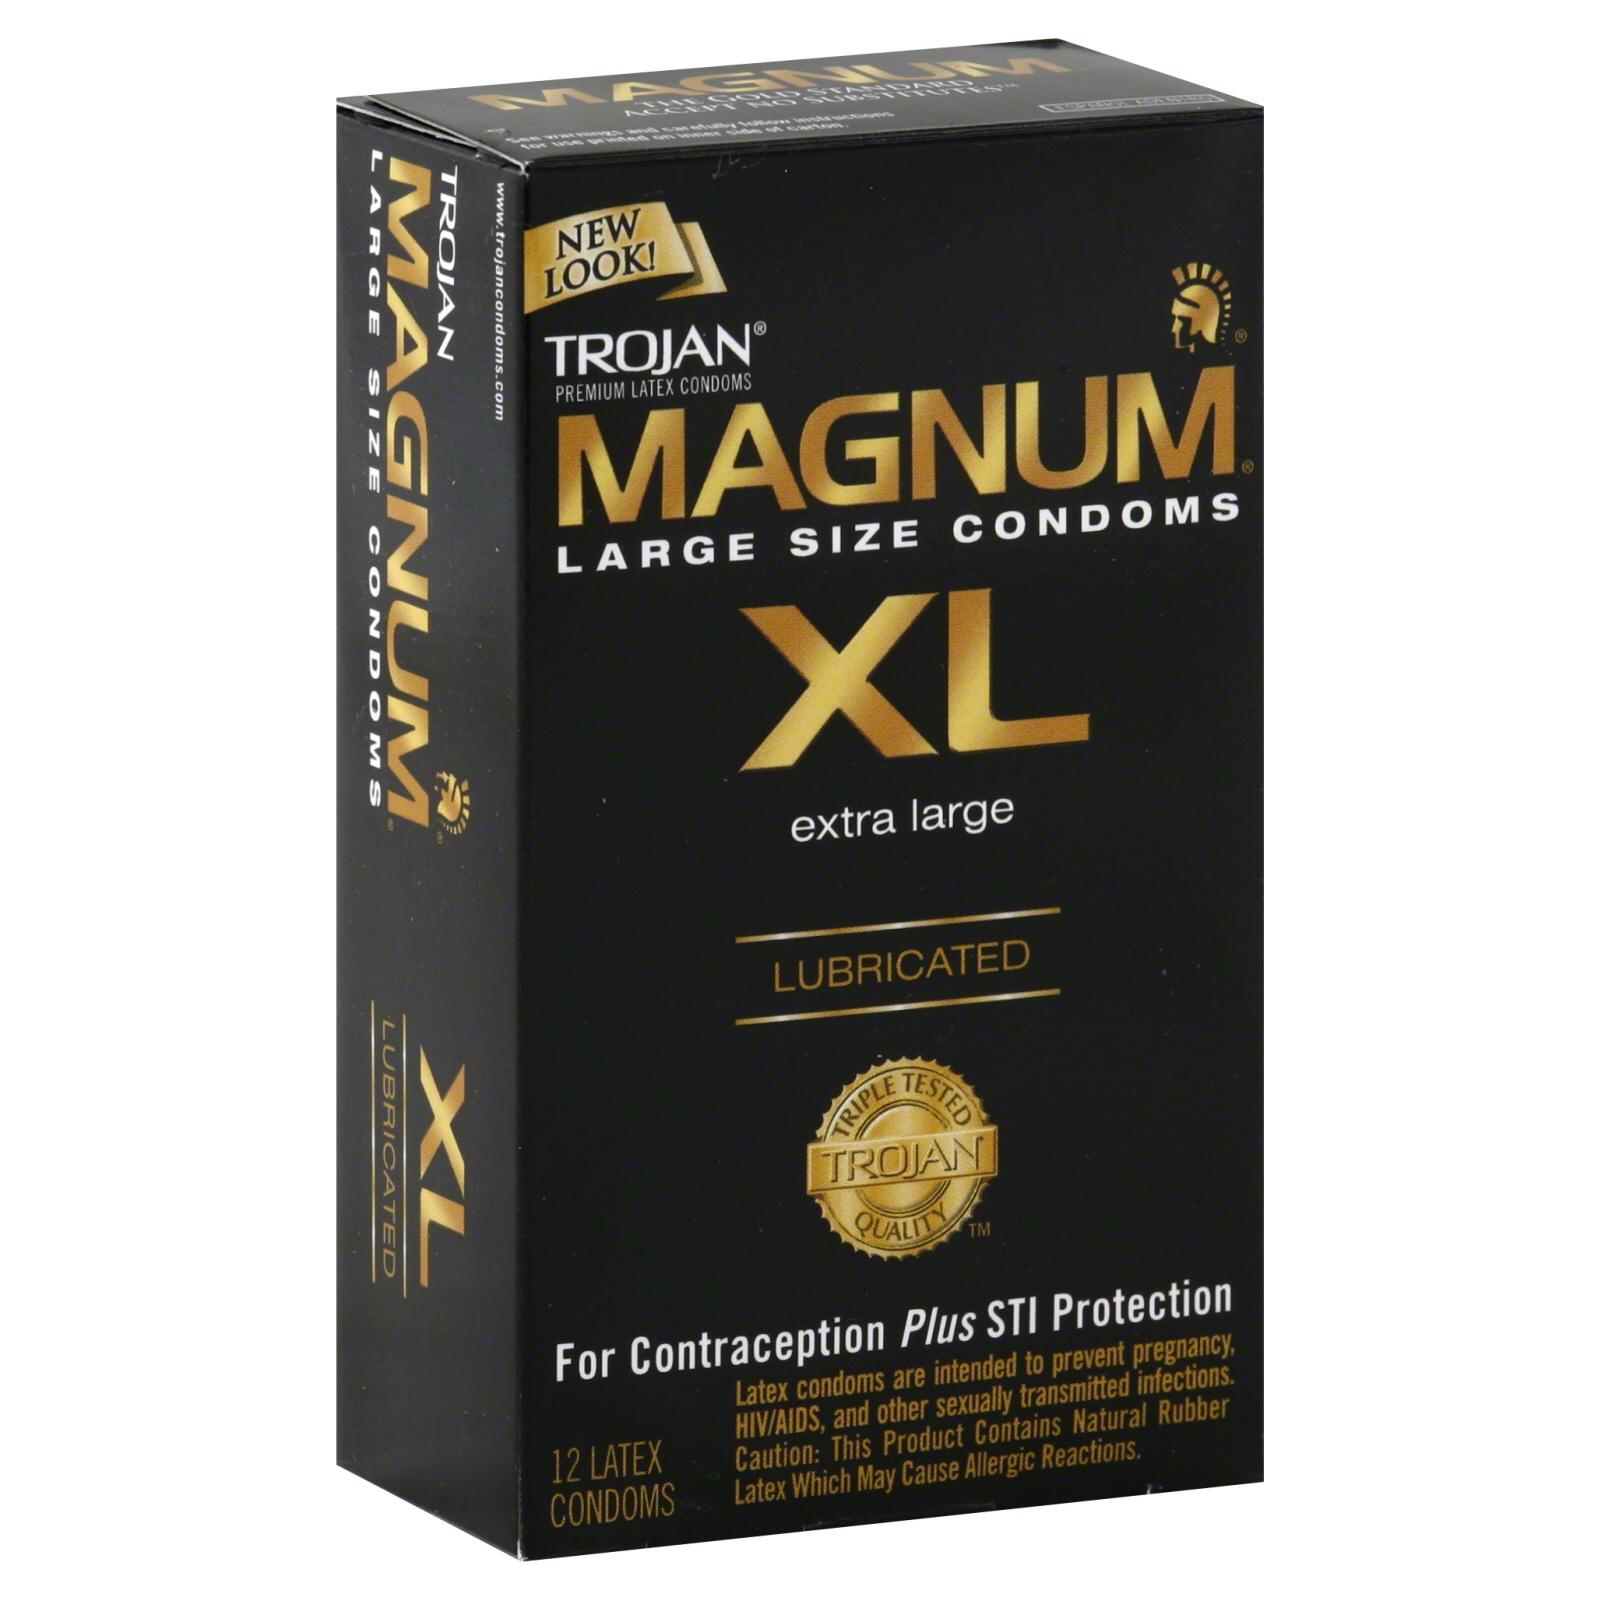 trojan magnum xl condoms premium latex extra large size